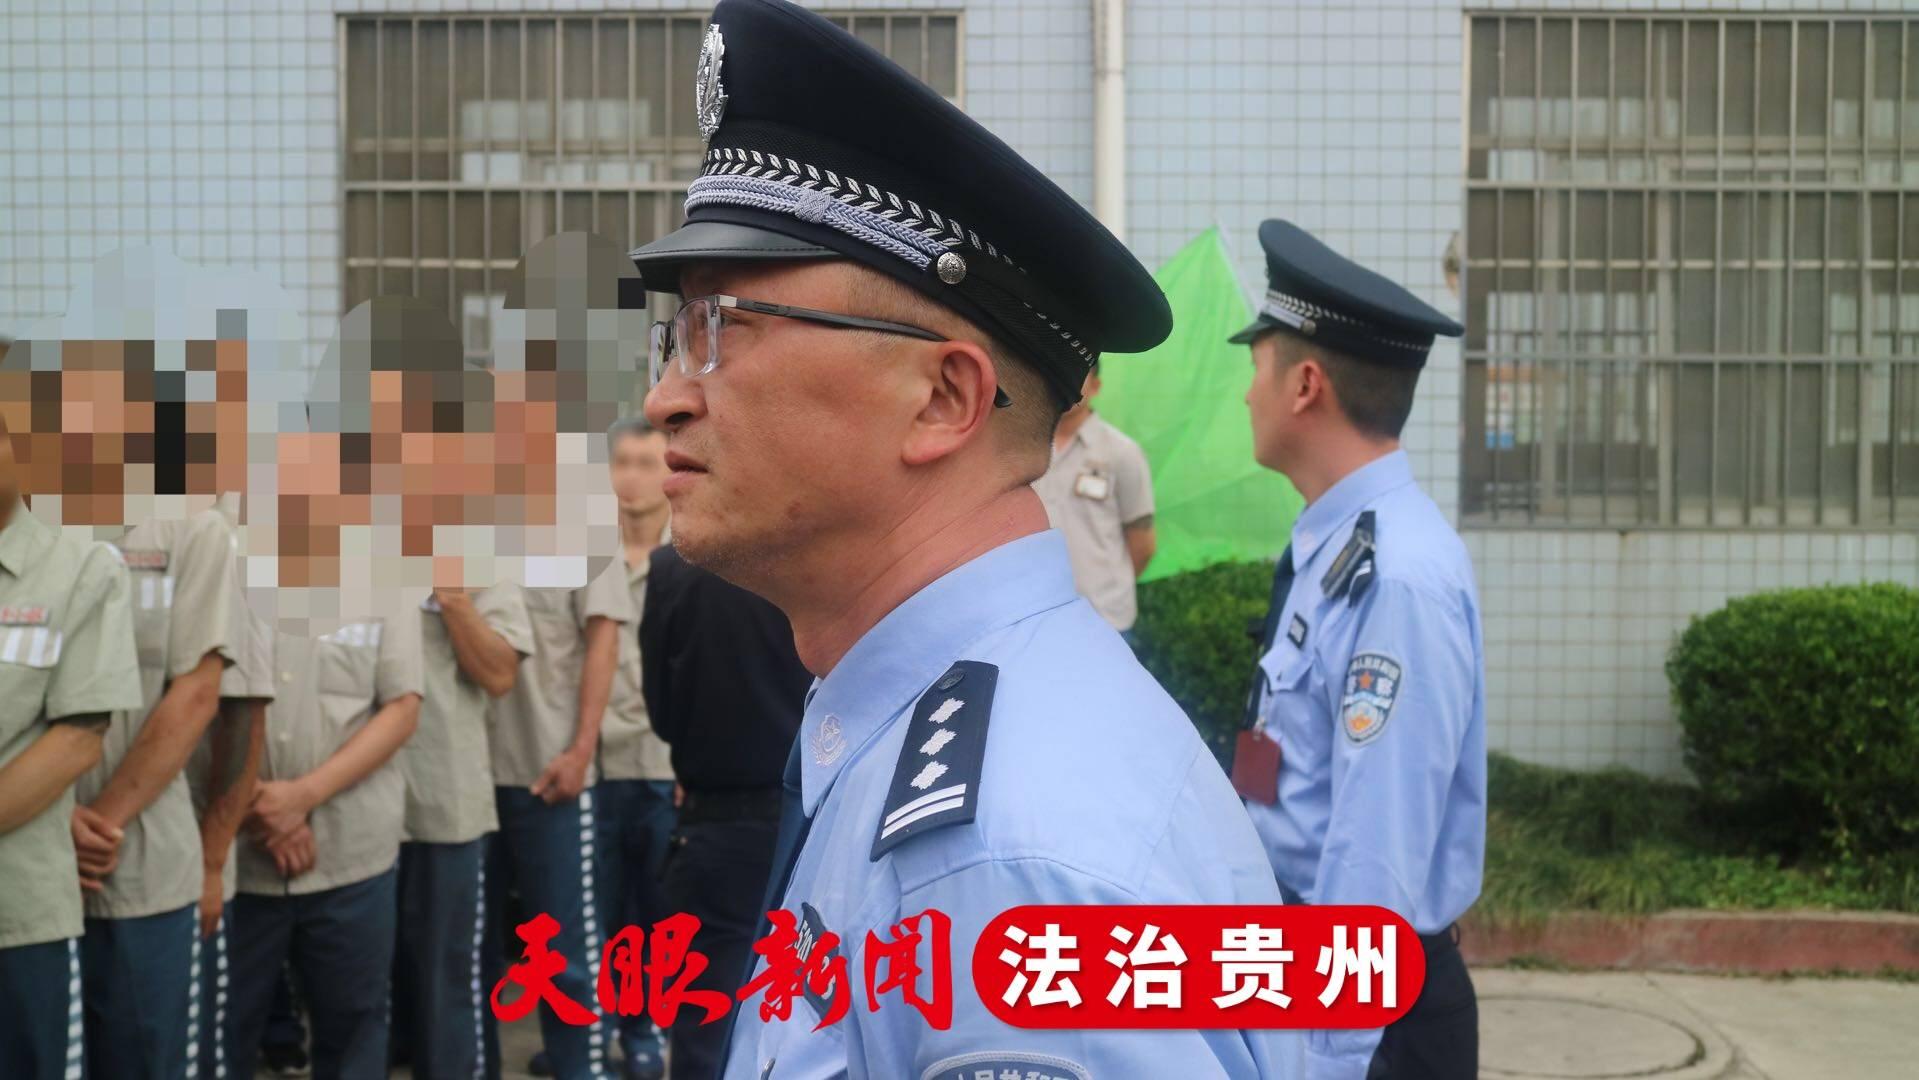 牺牲在工作岗位的监狱民警孙宏:初心因践行而永恒,使命因担当而伟大